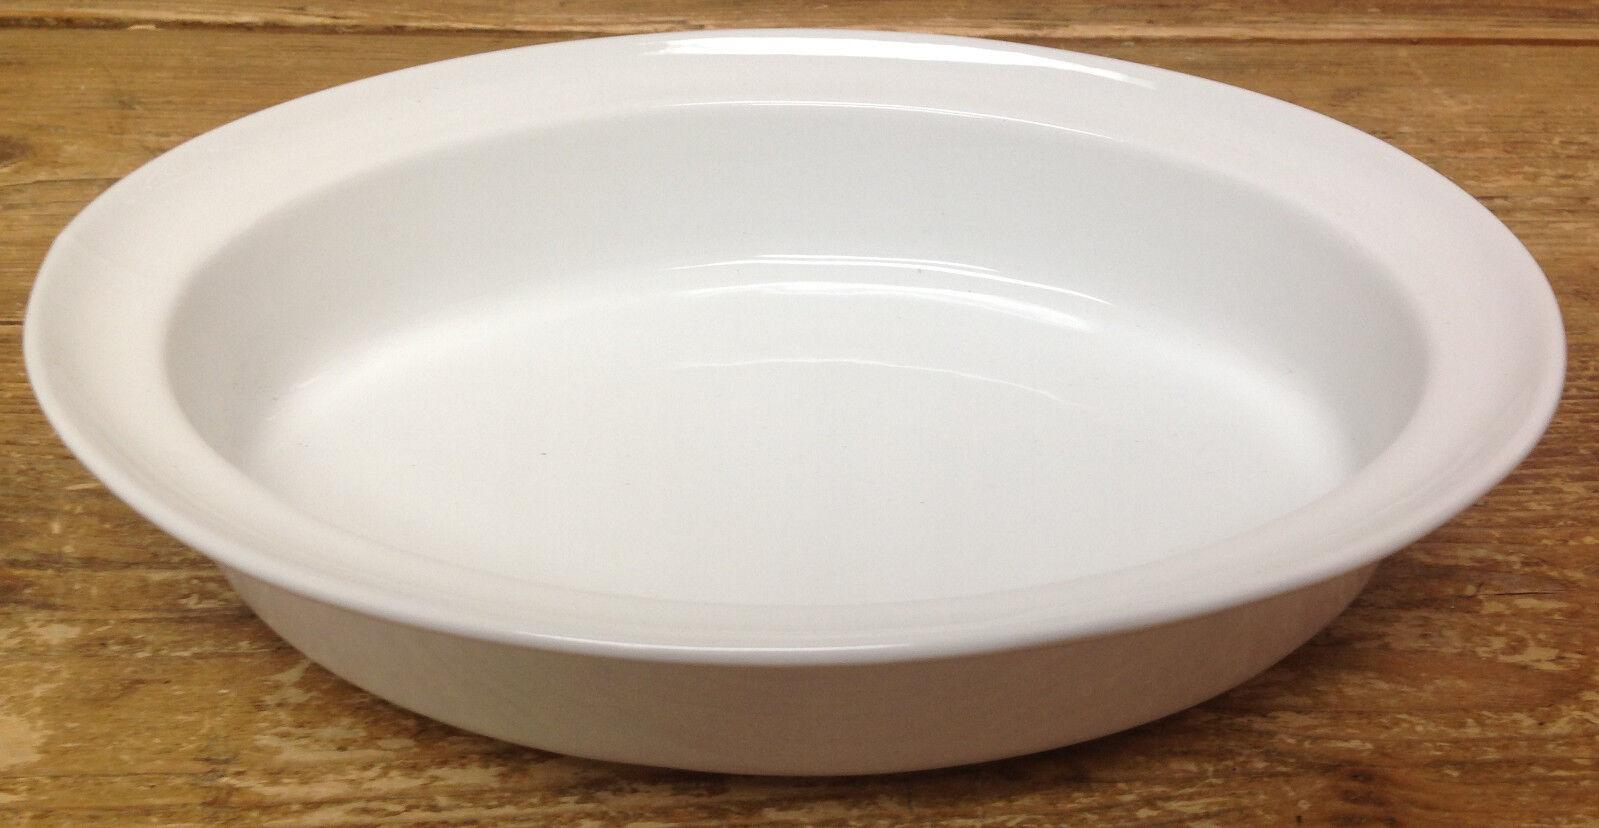 Crate & Barrel Mediano Porcelana Óvalo blancoo Baker 658-367 Borde 11 1 4 Cocinar